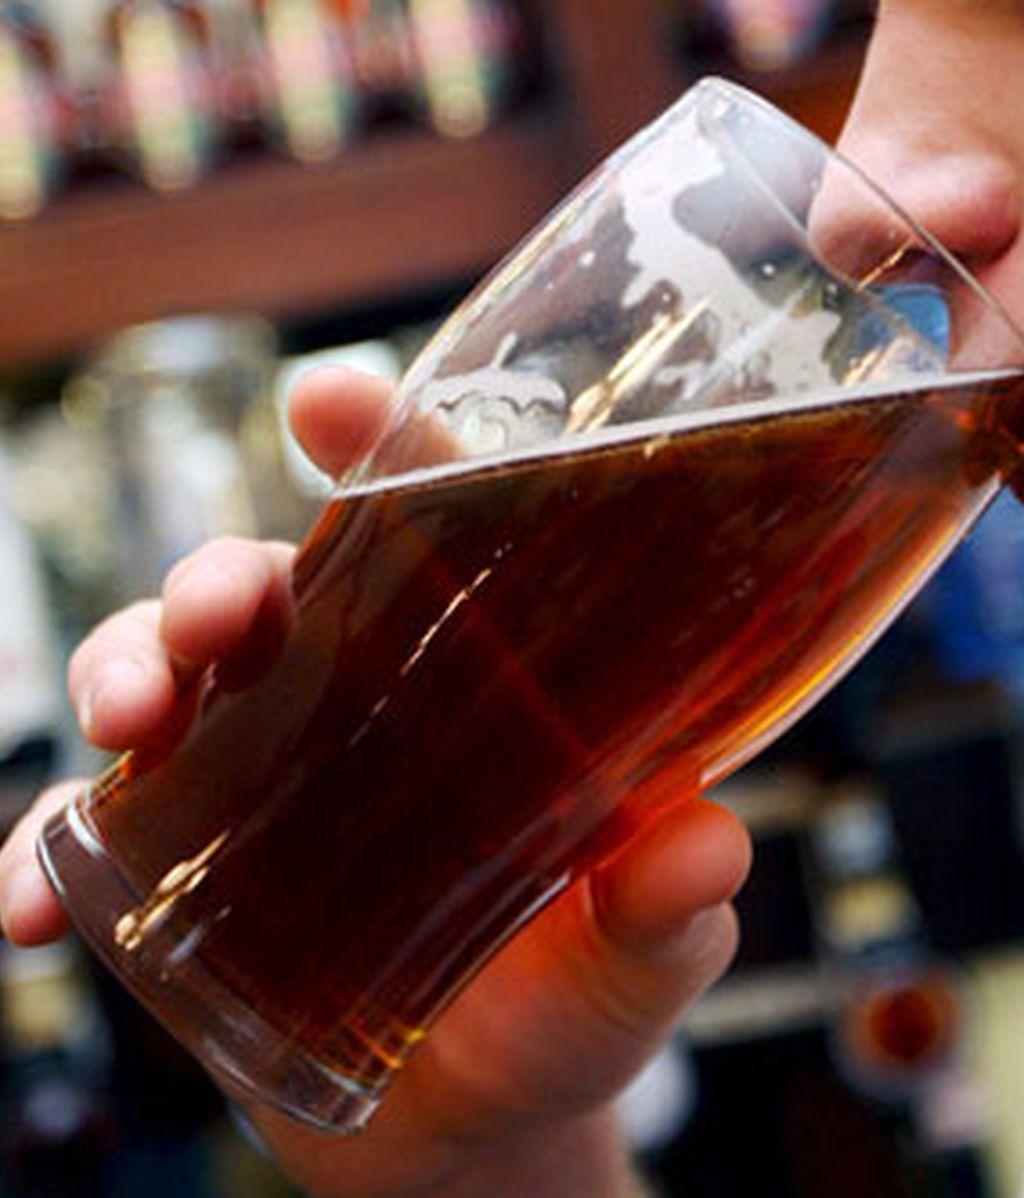 La cerveza incluye nutrientes y líquidos fundamentales para el buen funcionamiento del organismo. Foto: EFE.